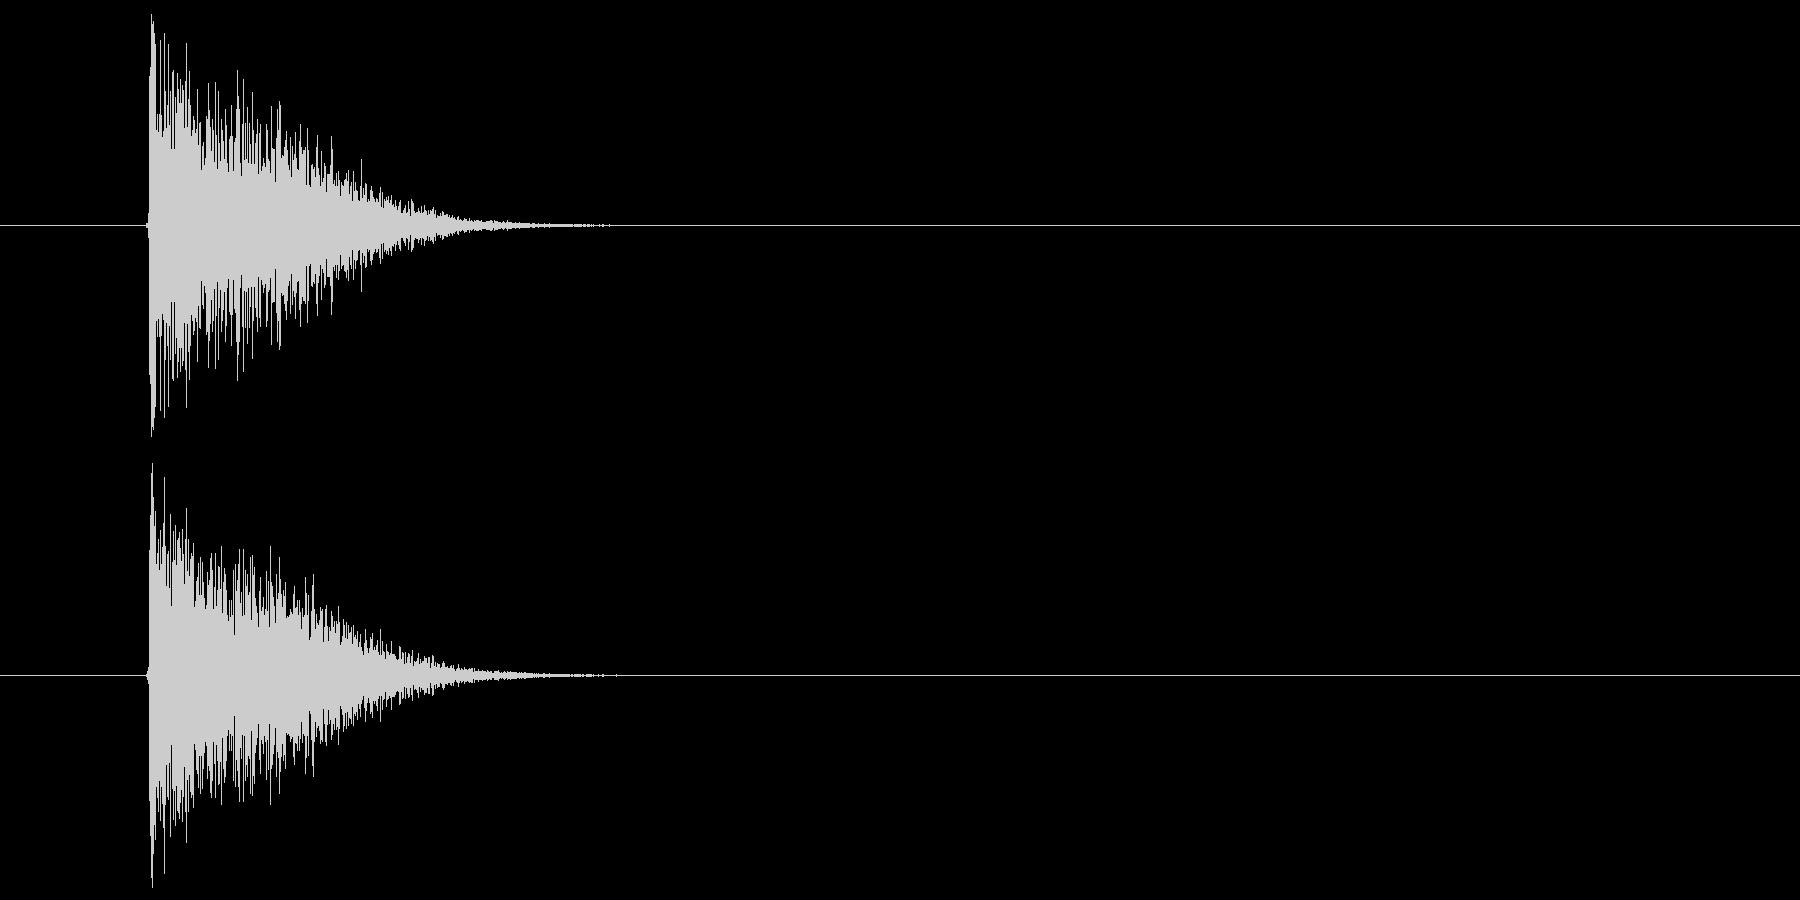 打撃音(竹刀)の未再生の波形